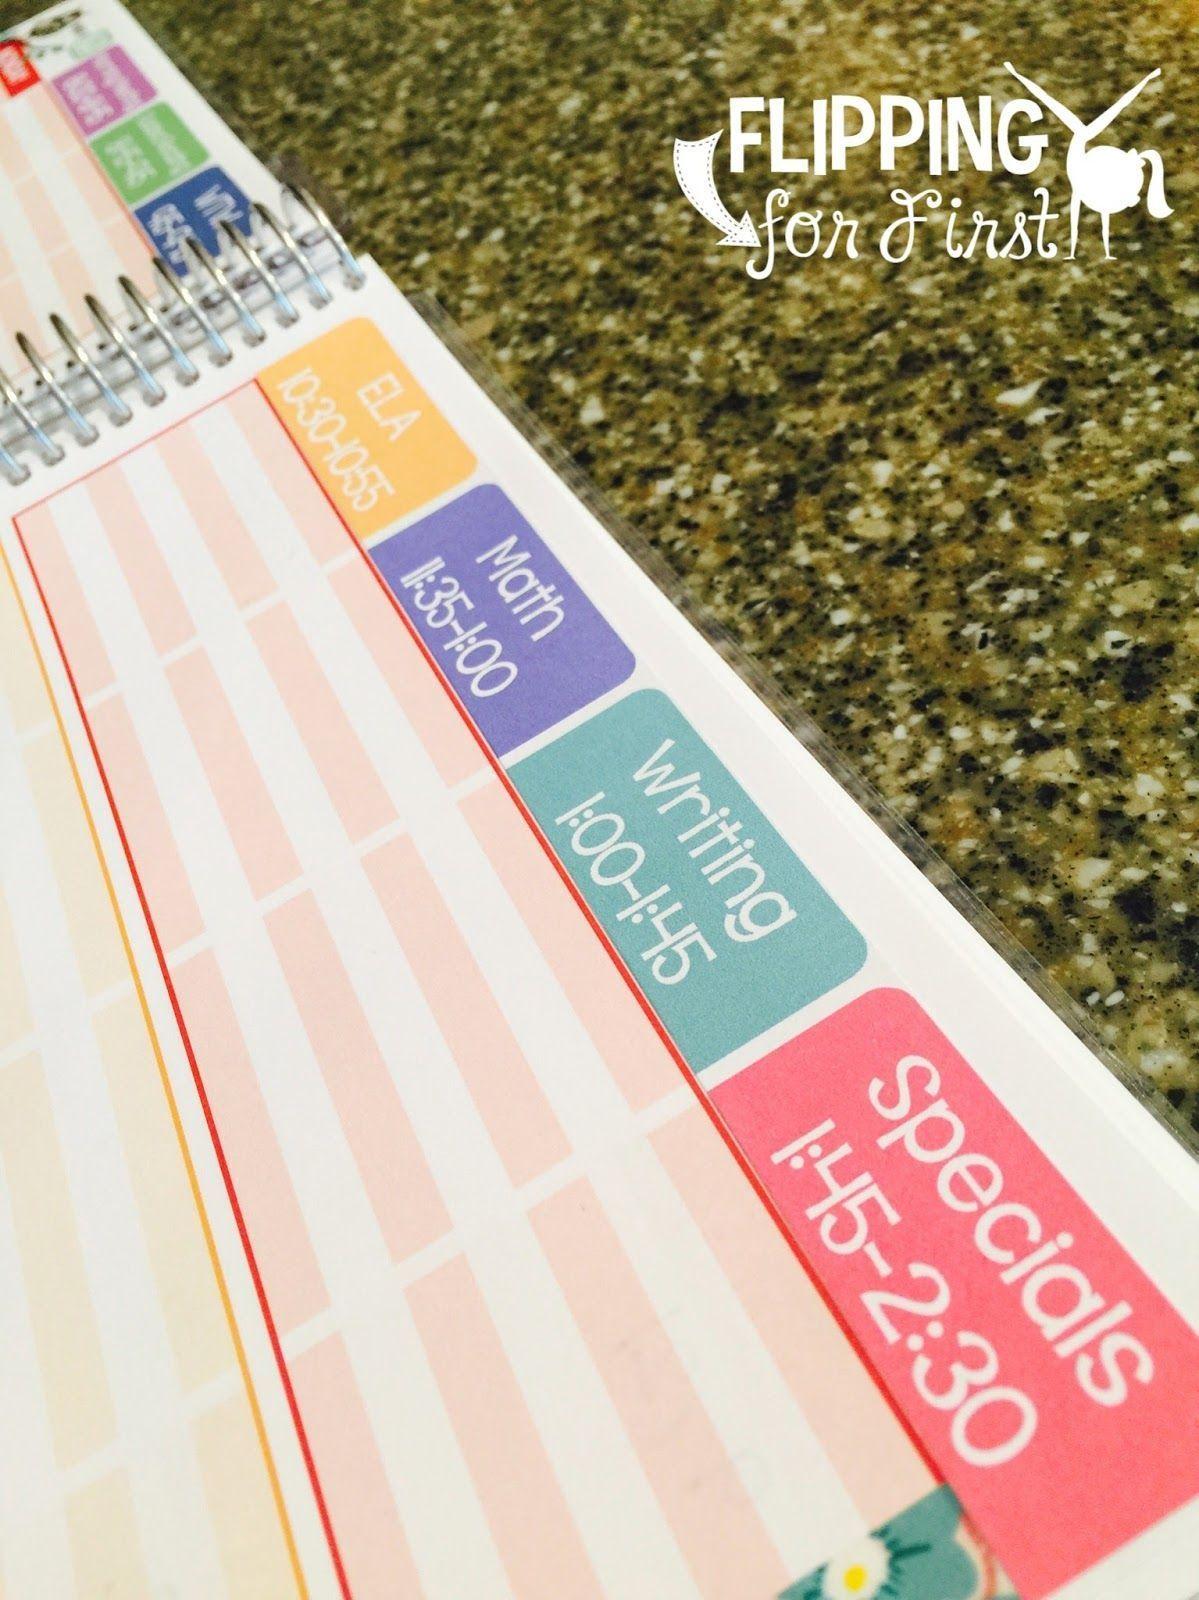 Erin Condren Planner Ideas that Will Make You Happy #teacherplannerfree DIY tips to organize your Erin Condren Teacher Planner! #teacherplannerfree Erin Condren Planner Ideas that Will Make You Happy #teacherplannerfree DIY tips to organize your Erin Condren Teacher Planner! #teacherplannerfree